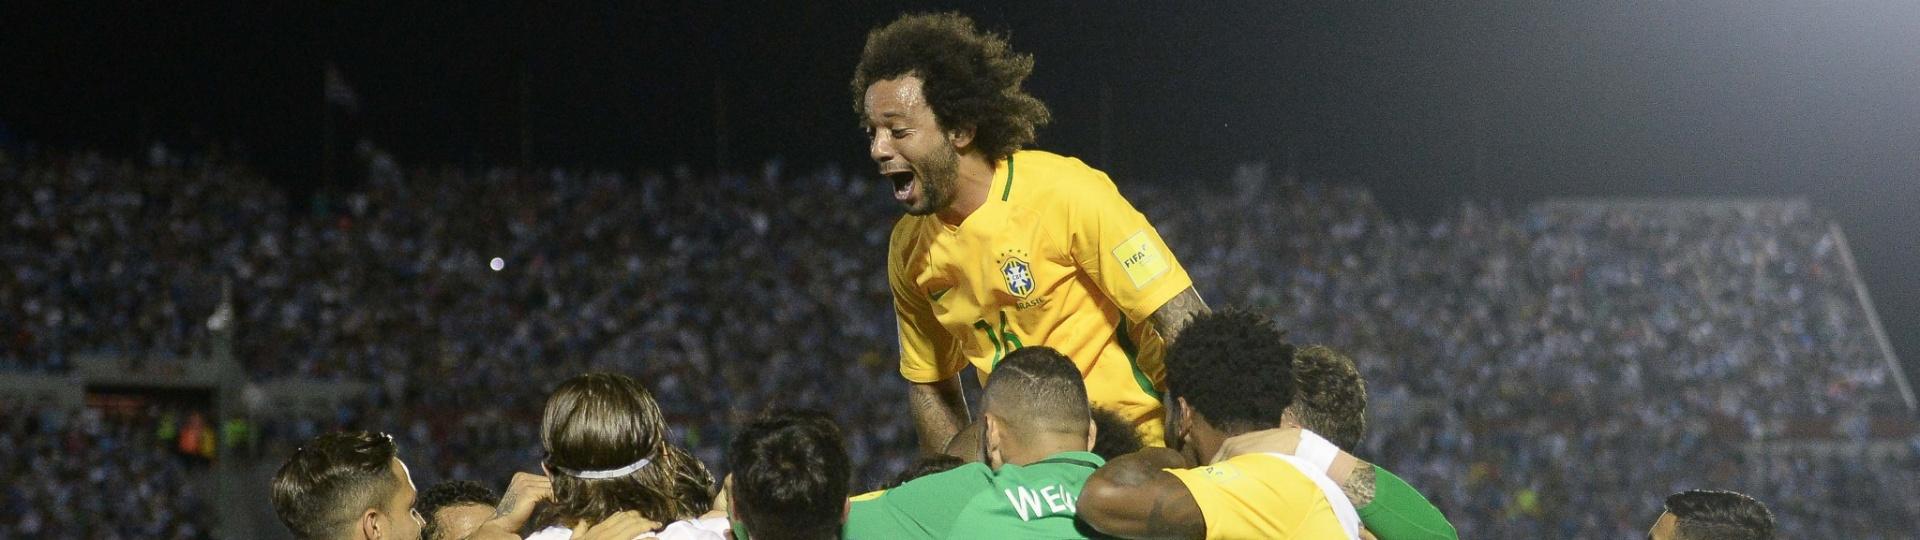 Marcelo comemora o gol do Brasil contra o Uruguai com companheiros